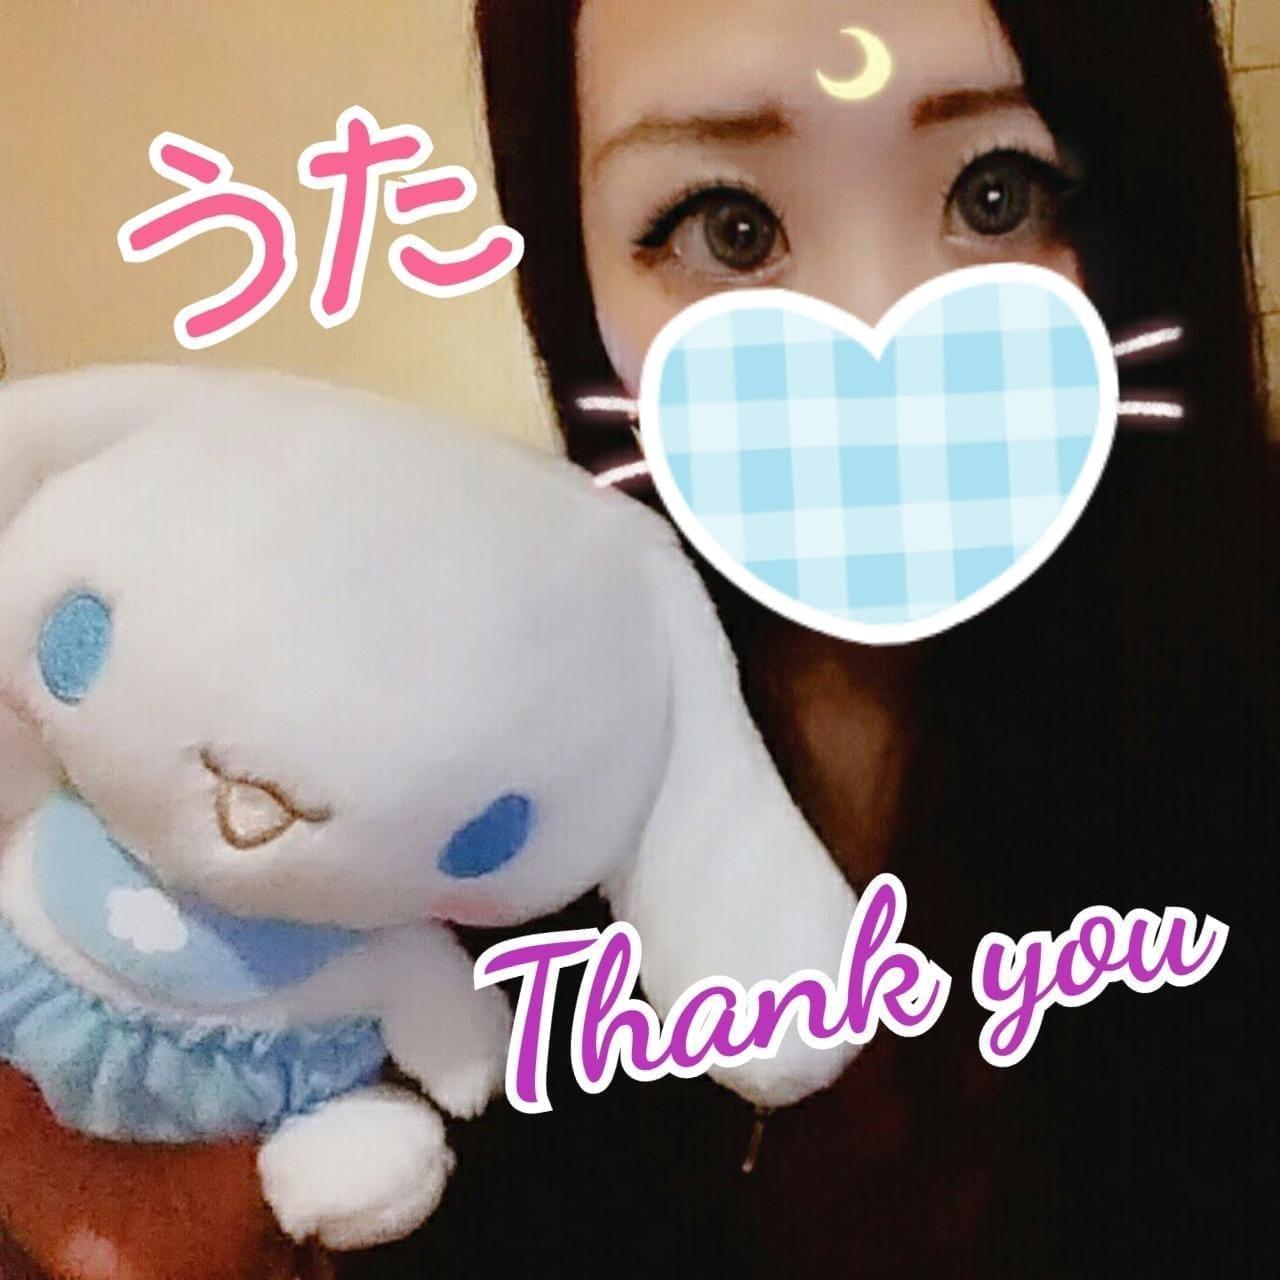 「ありがとうございました( ??∀??? )??」10/19(10/19) 08:35   ウタの写メ・風俗動画